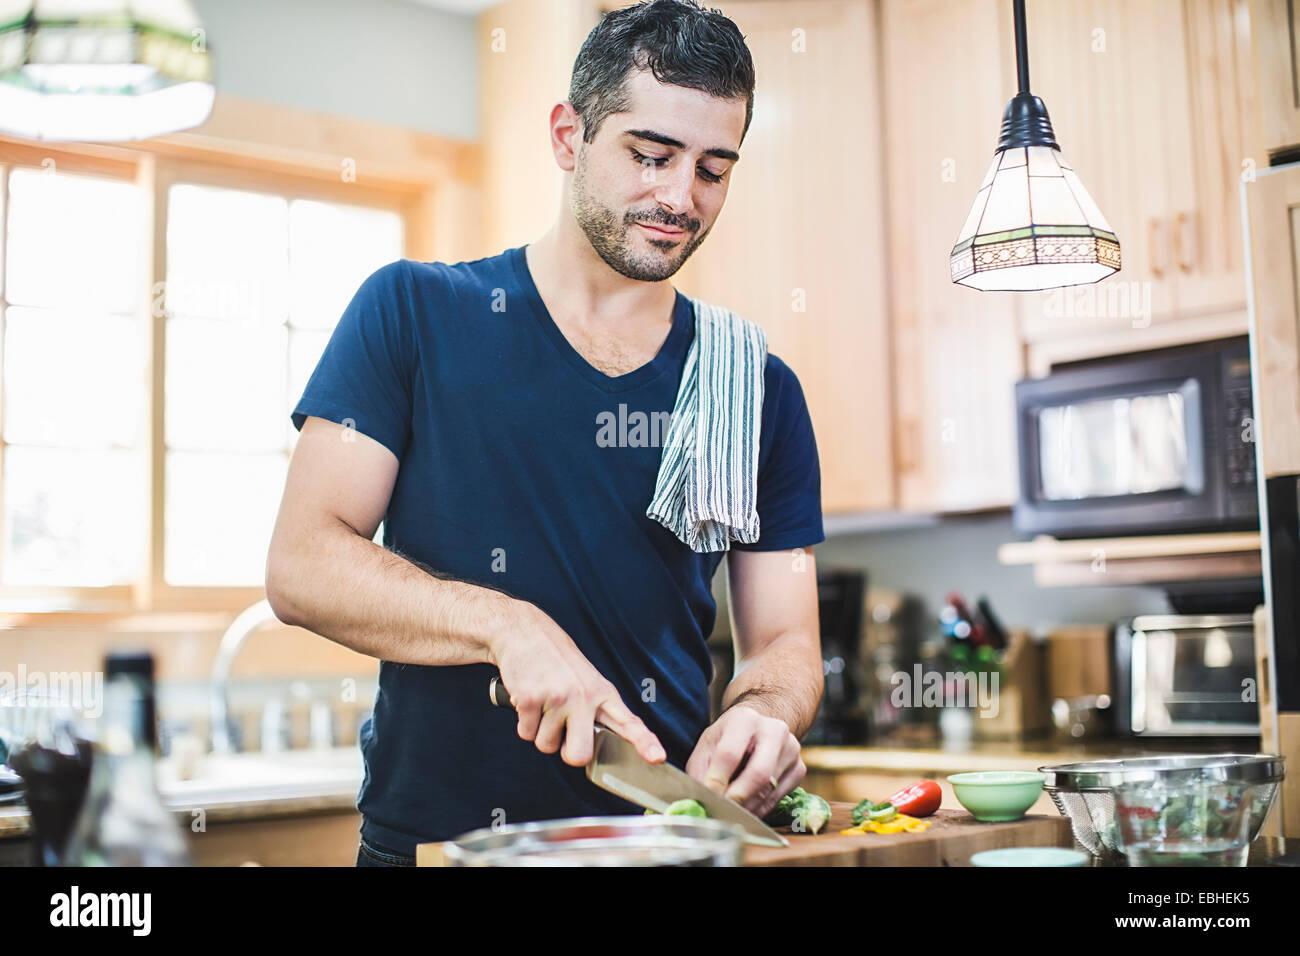 Hombre preparando la comida en la cocina Imagen De Stock